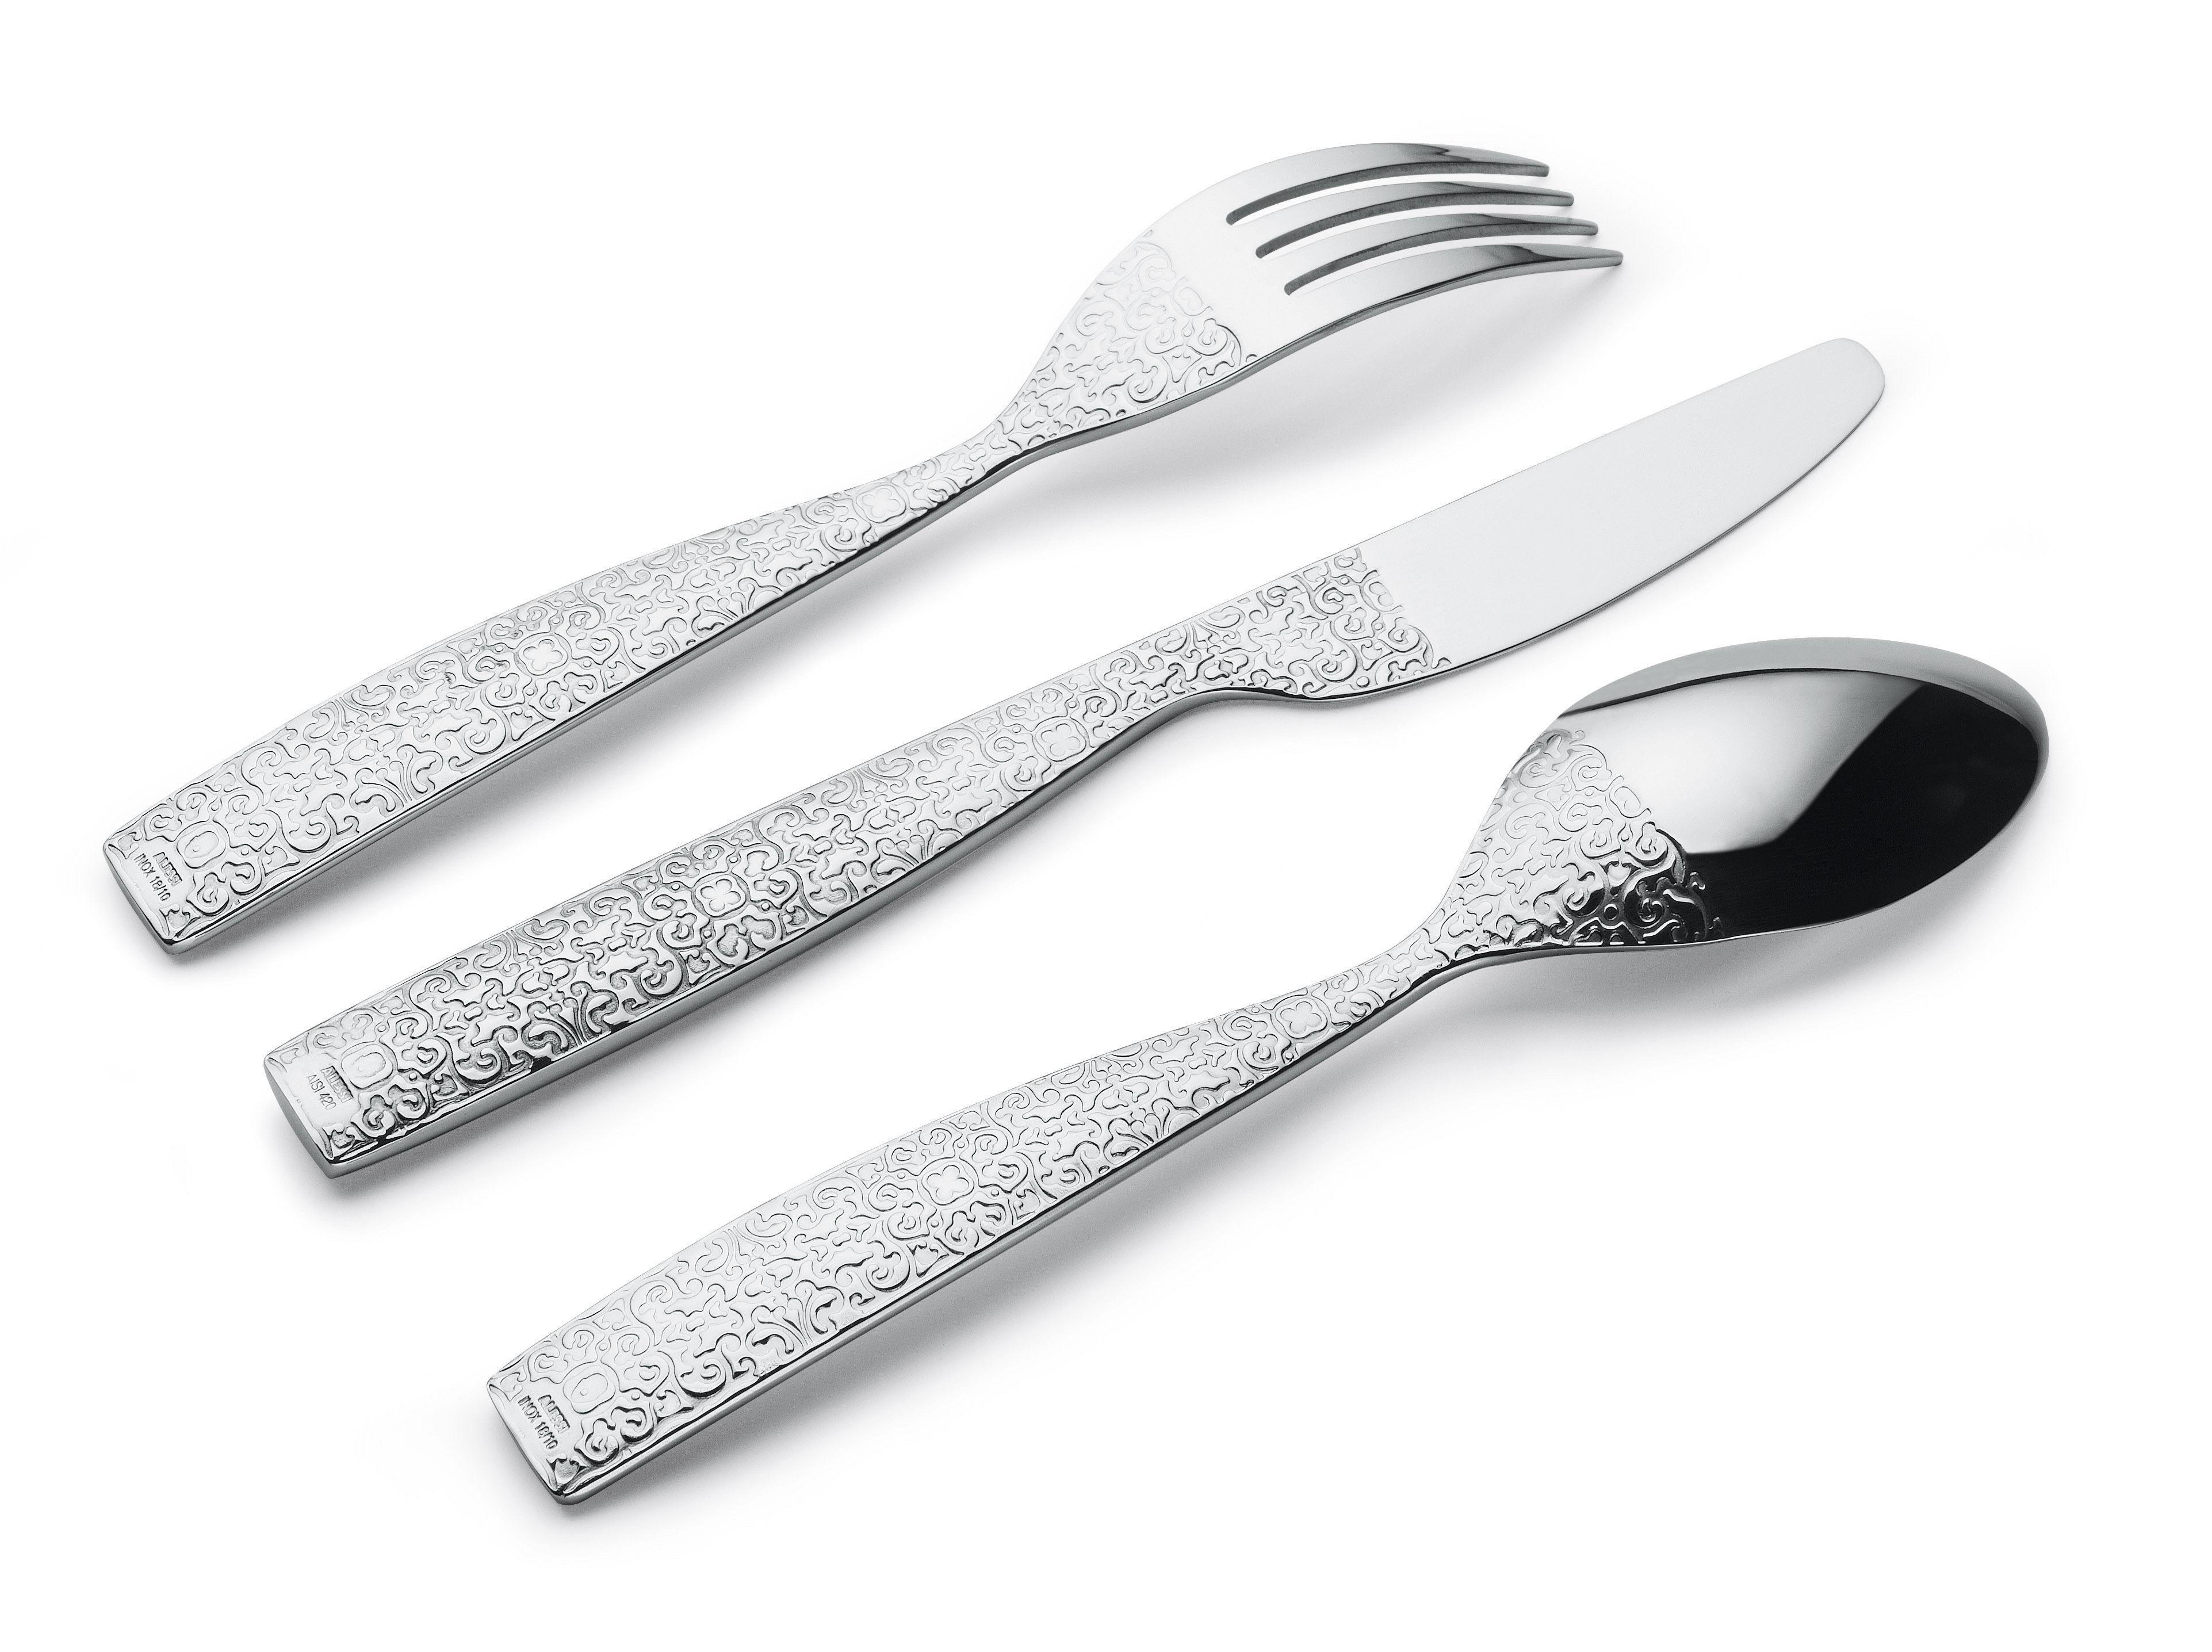 Couteau de table dressed couteau de table acier alessi for Alessi dressed prezzo